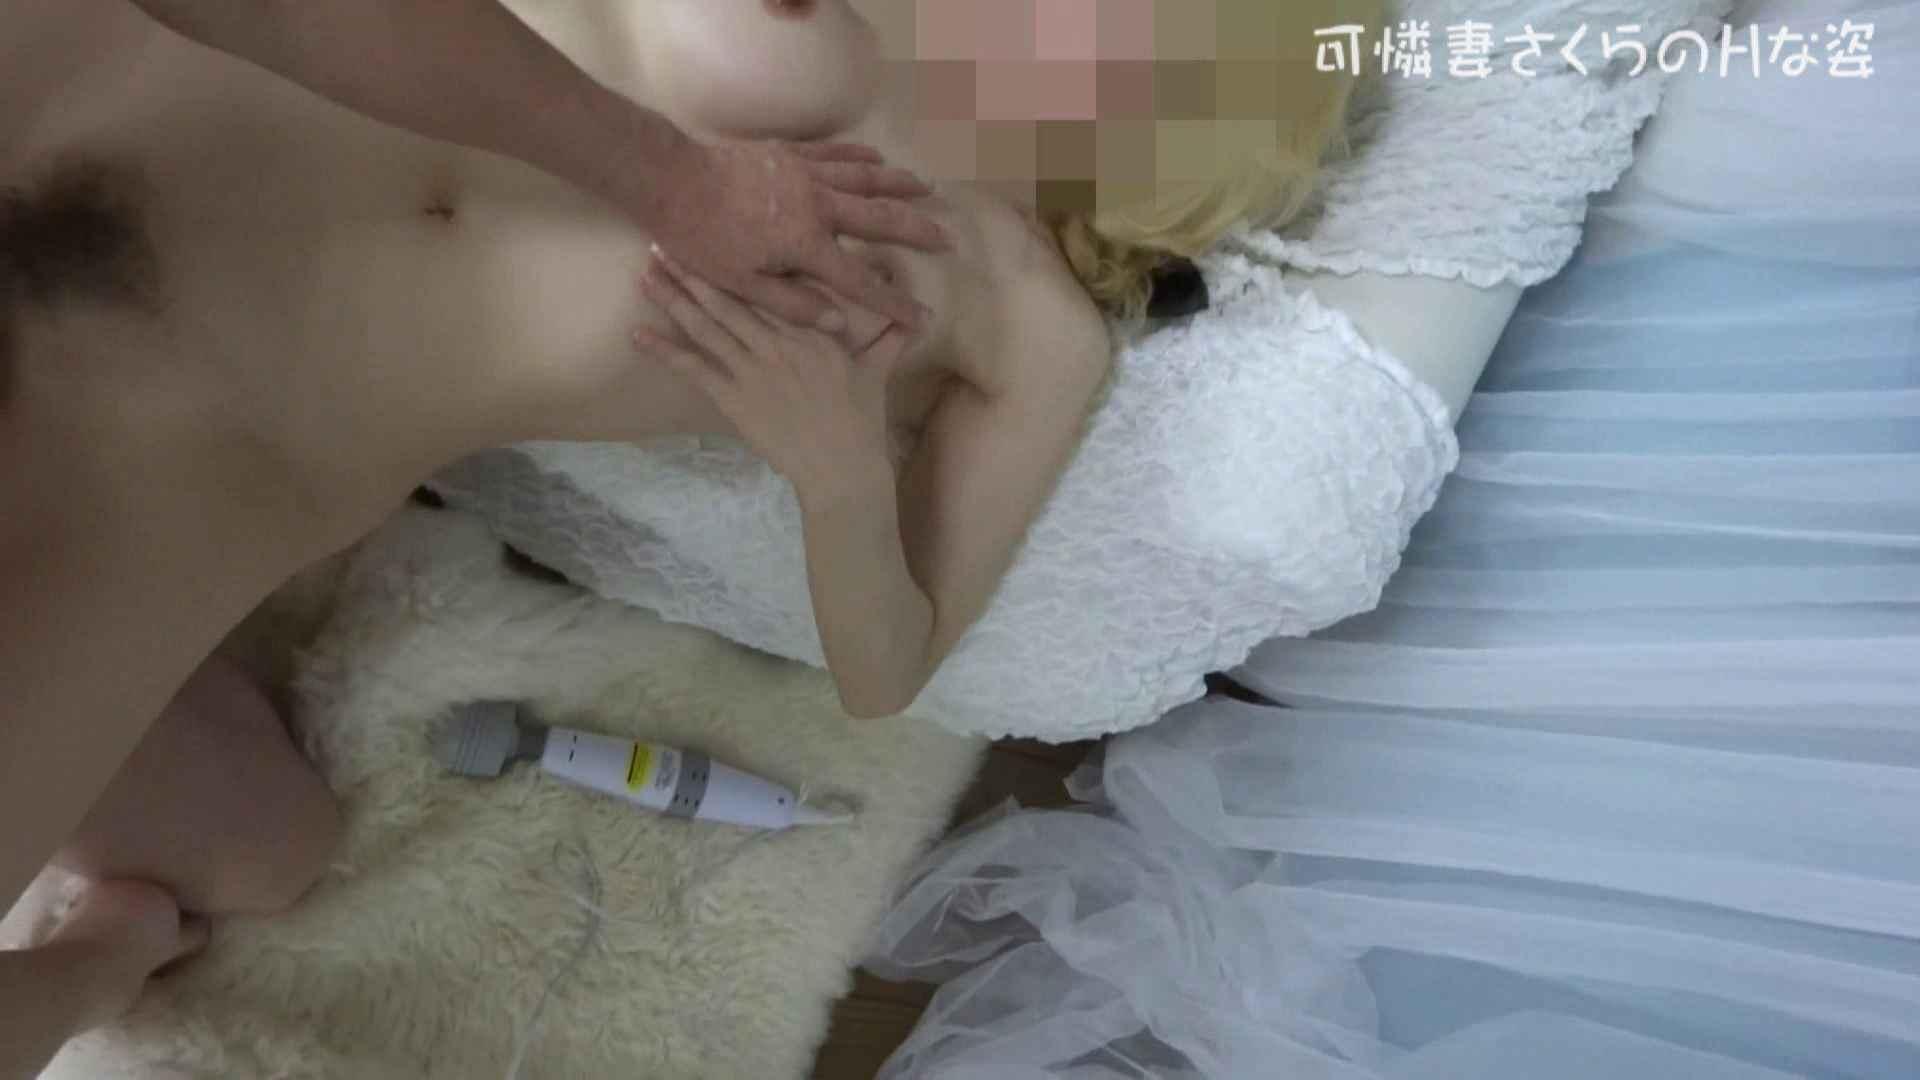 可憐妻さくらのHな姿vol.29 セックス セックス画像 106pic 41